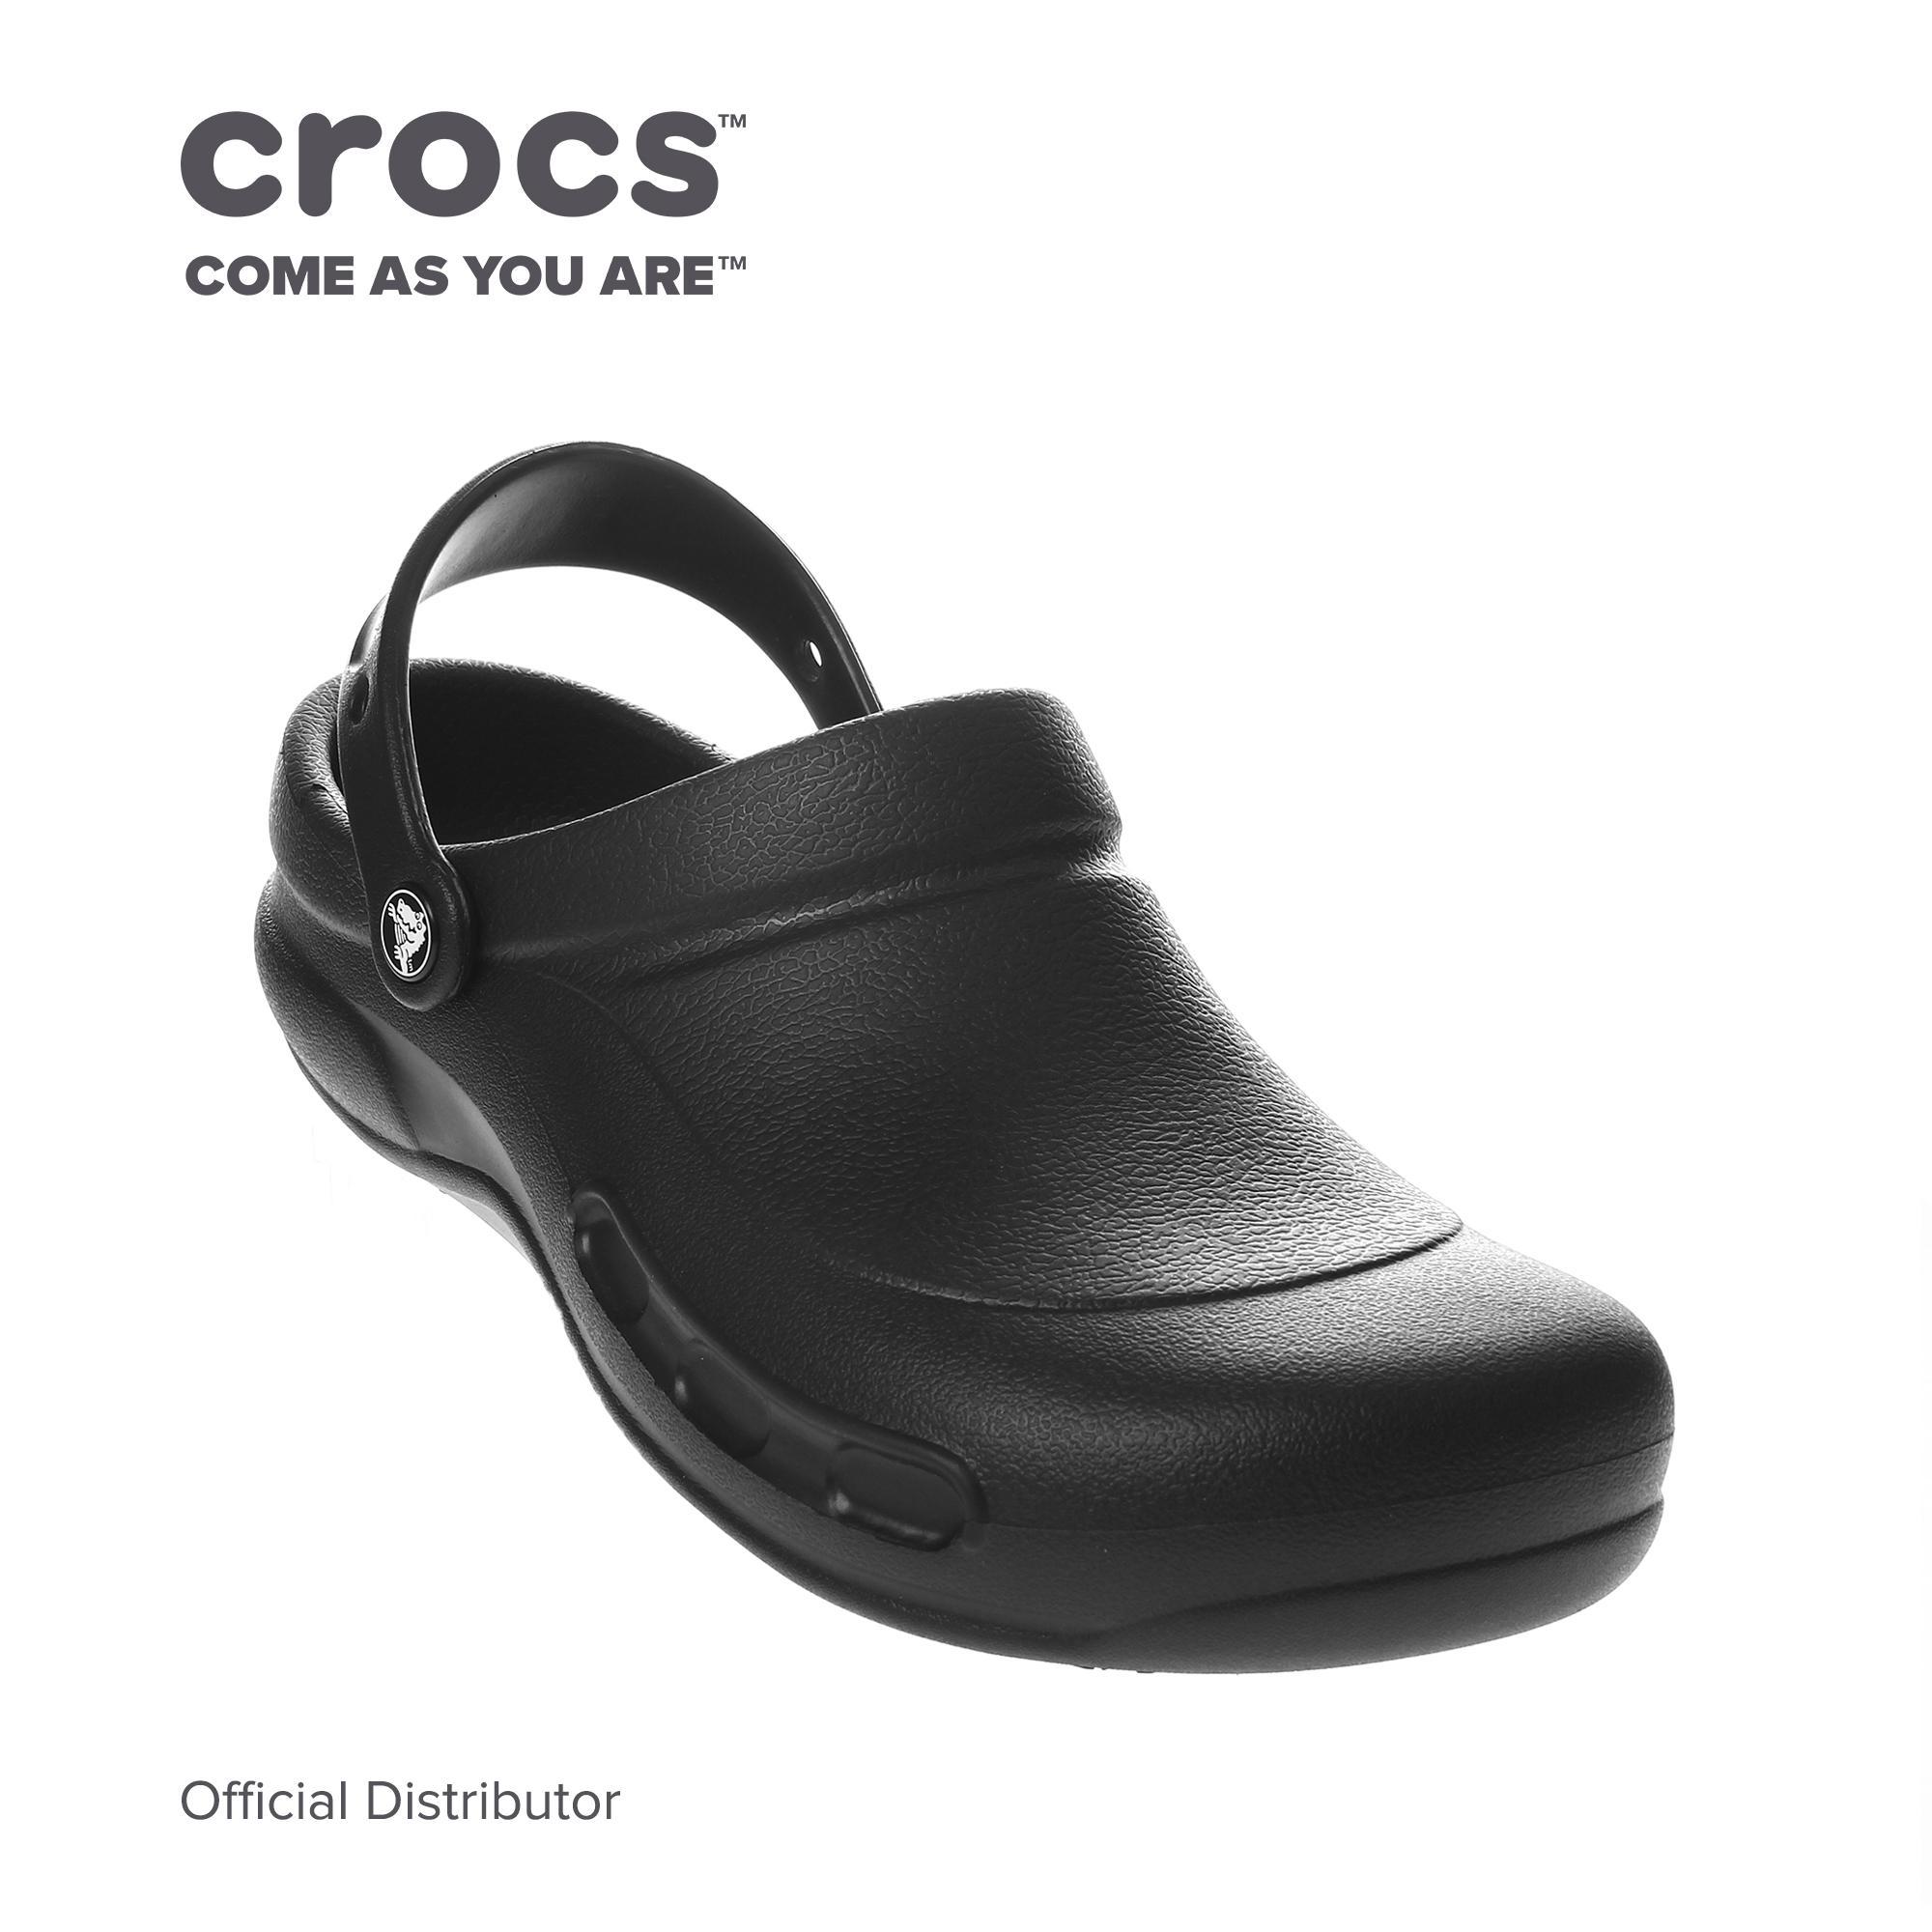 Crocs Unisex Adults' Bistro Clogs Shoes